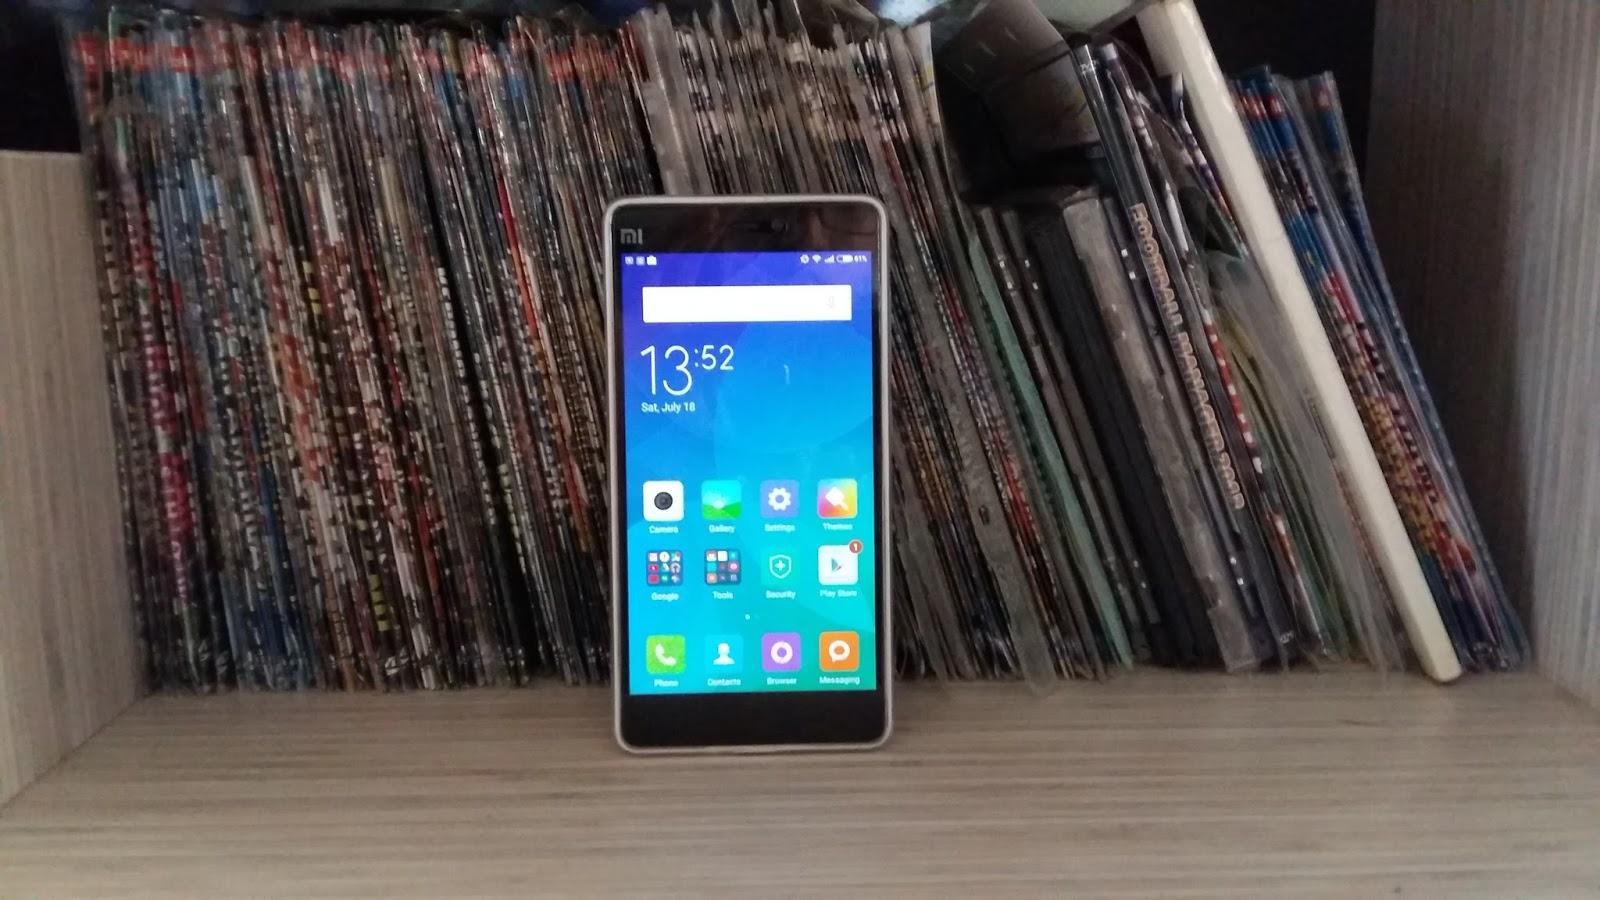 Cara Mengatasi Overheat Pada Xiaomi Mi 4i Dan Beberapa Tips Lainnya